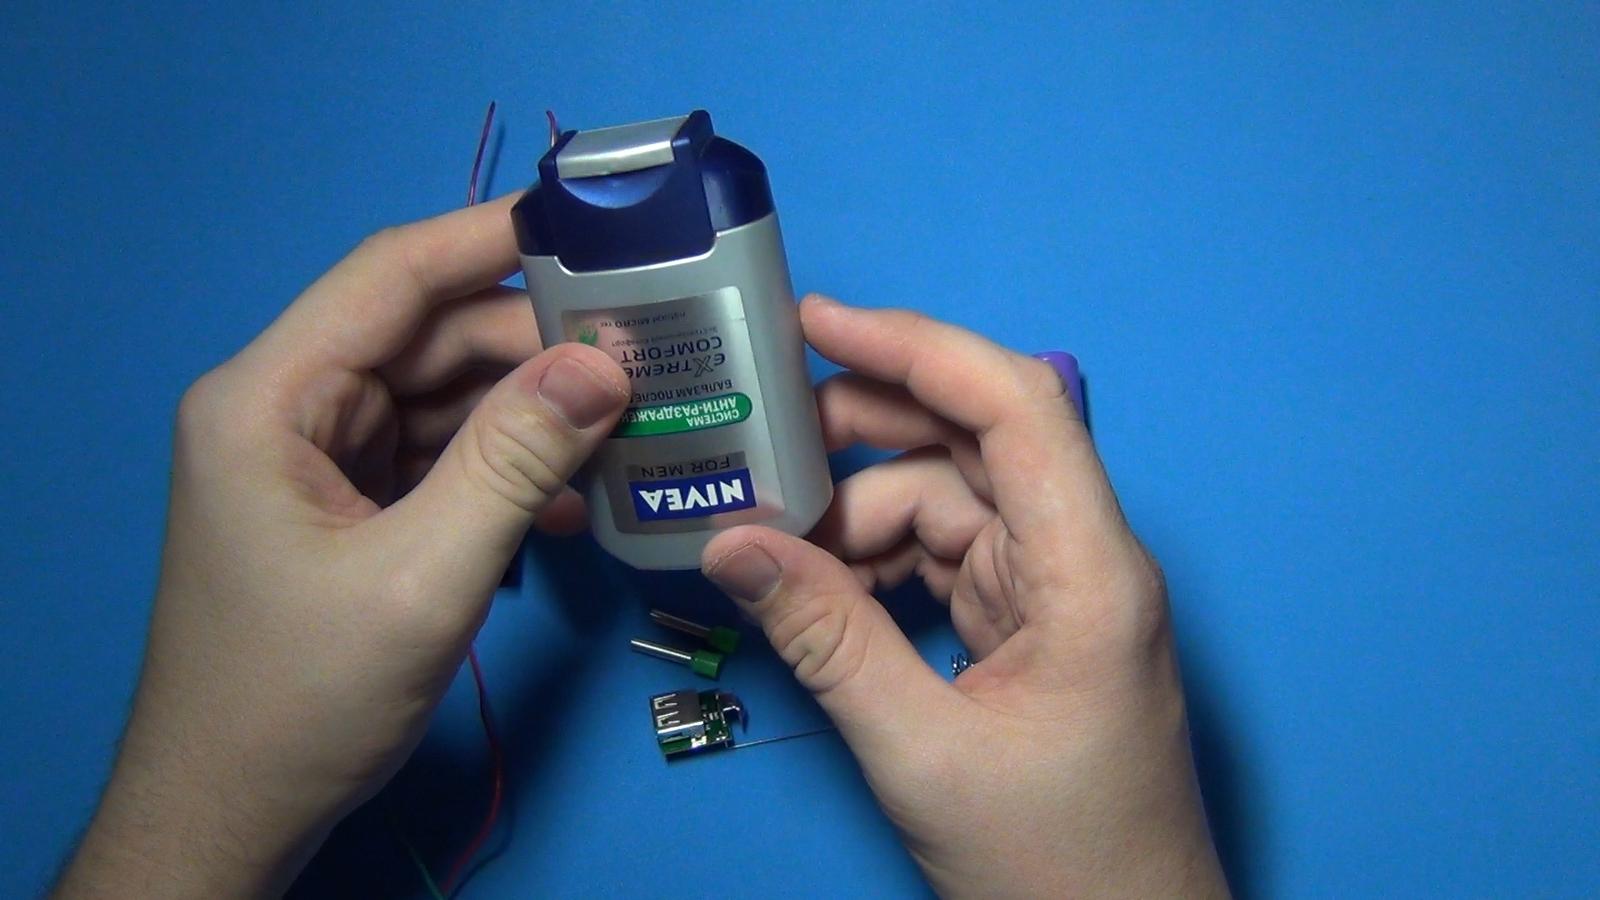 Как сделать мехмод своими руками в домашних условиях